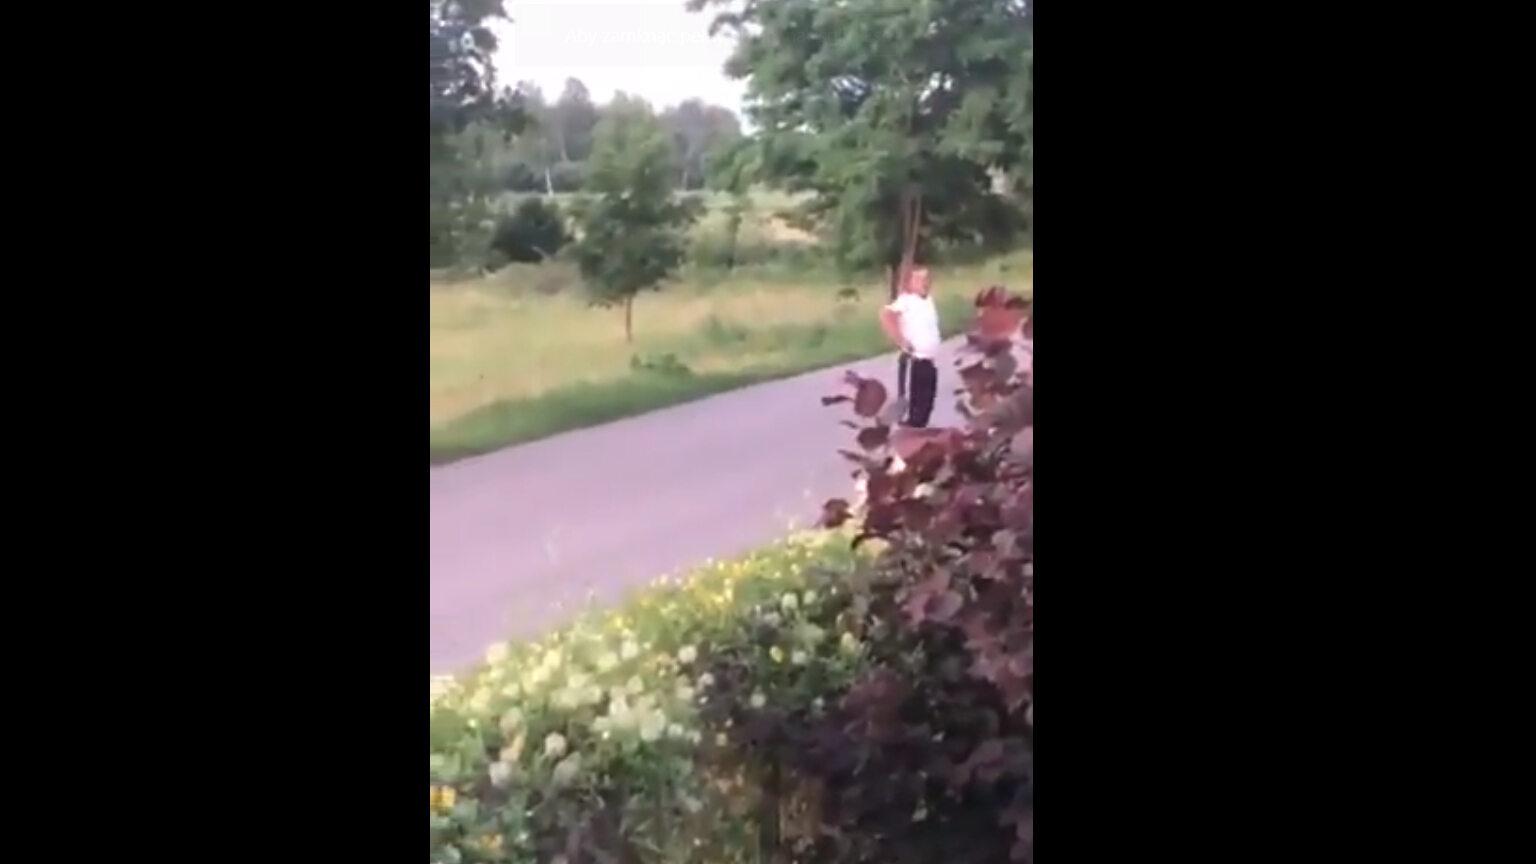 Kadr z nagrania zamieszczonego przez Marcina Gołaszewskiego